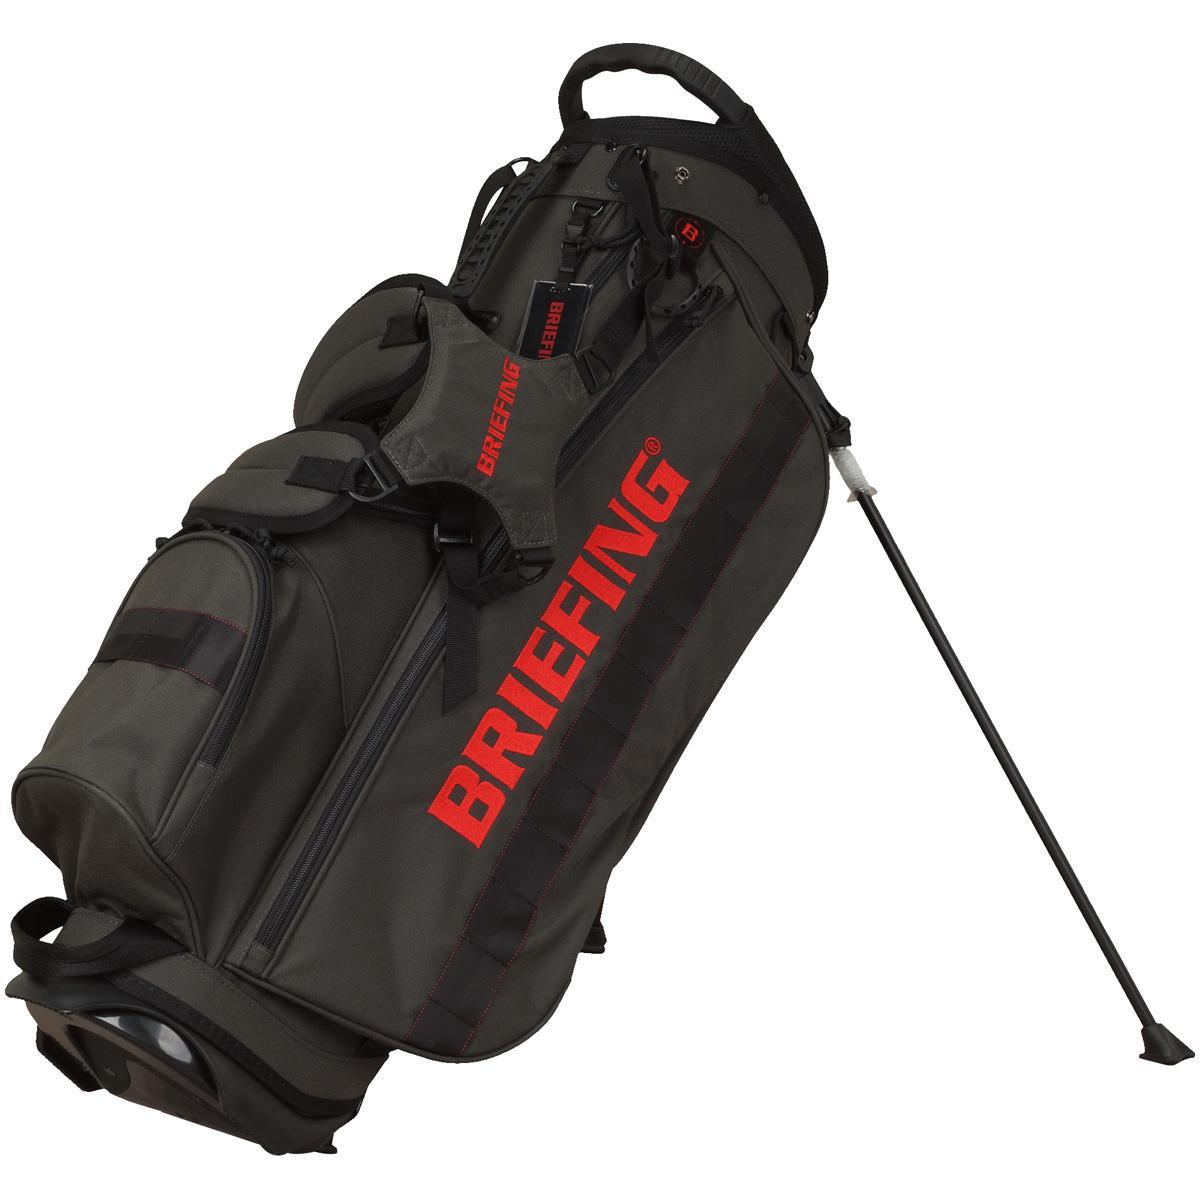 【4/14(日)までお得なクーポン配布中♪】ブリーフィング BRIEFING CR-4 #01 スタンドキャディバッグ